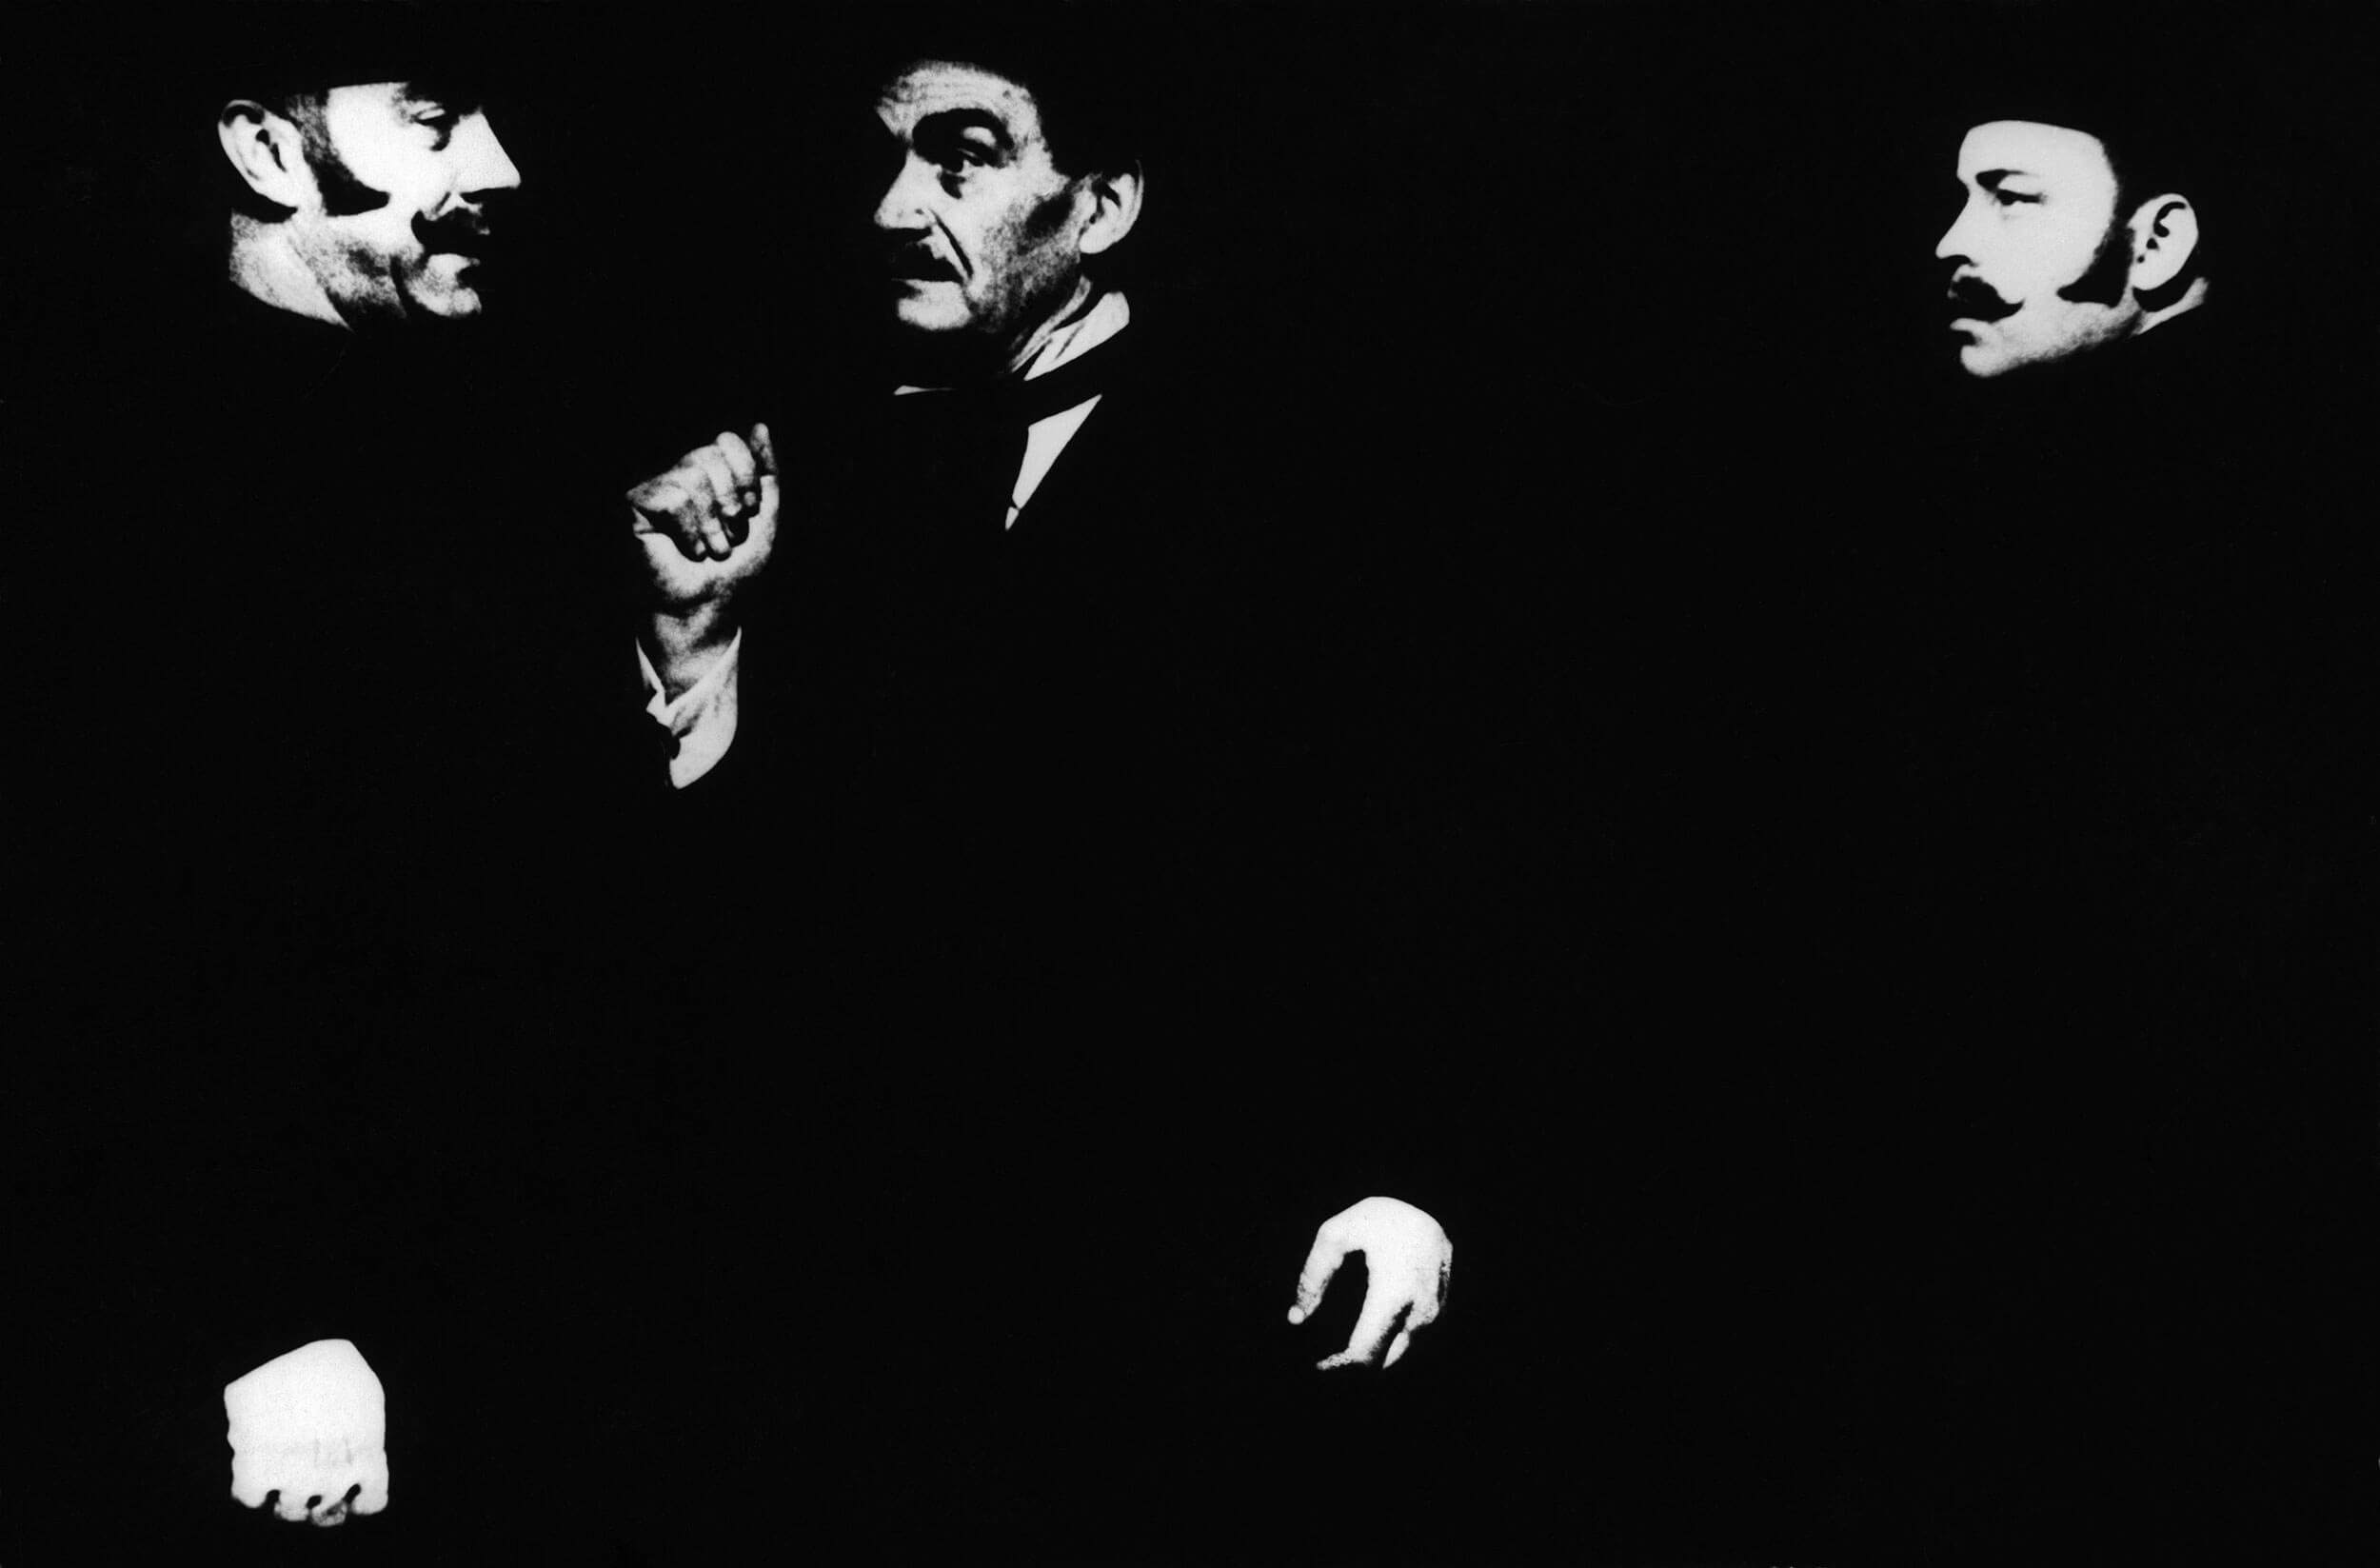 Koudelka-Theatre-delpire-co-2w